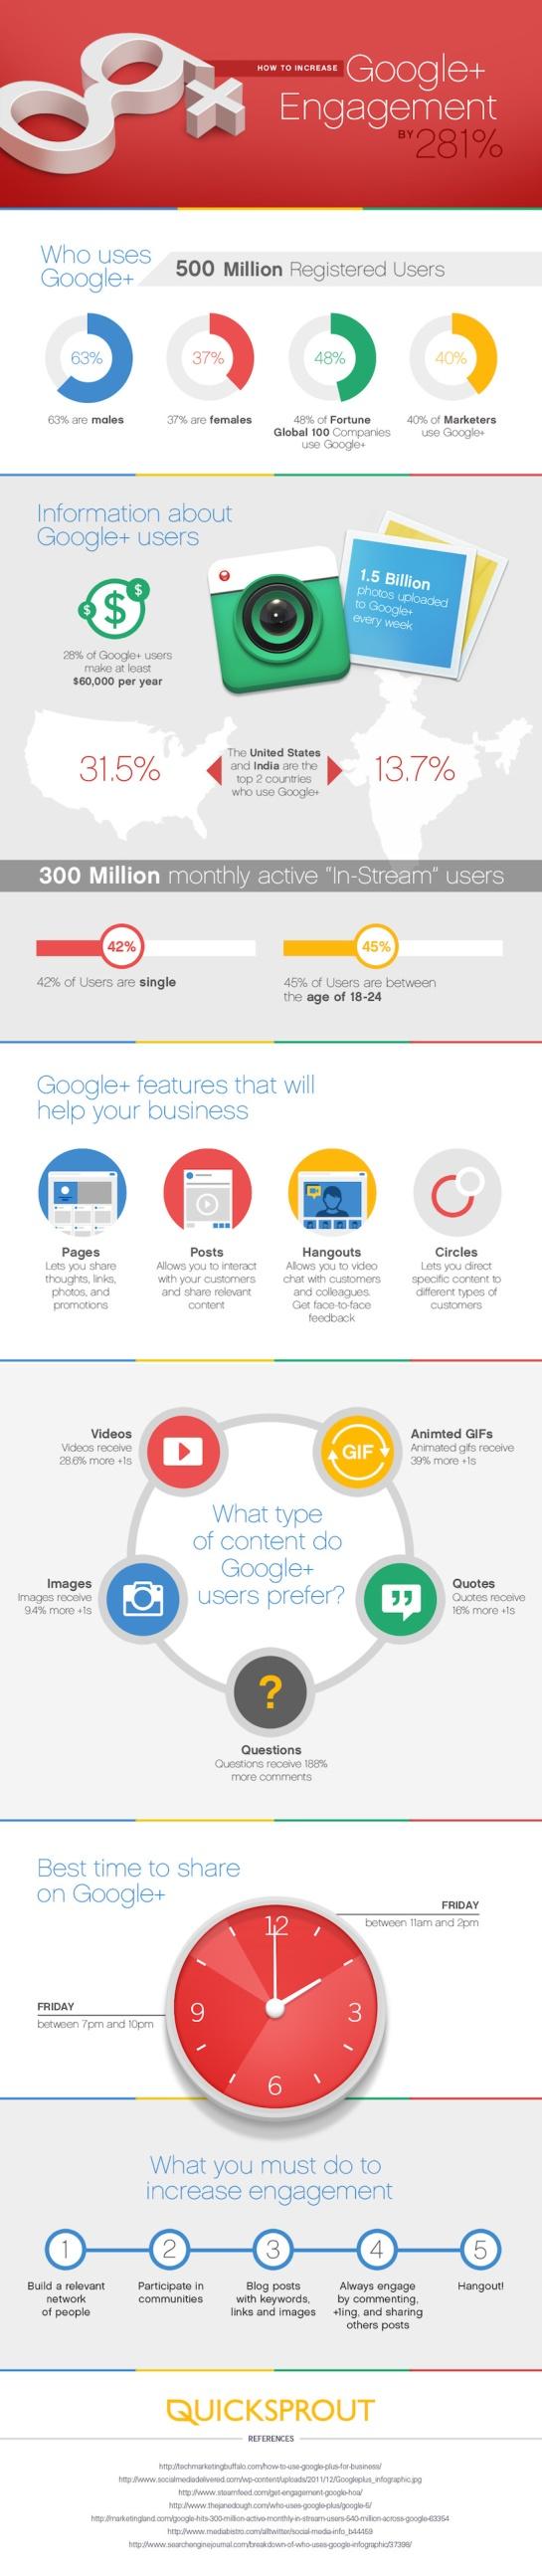 Booster les engagements sur Google+ - AUTOVEILLE